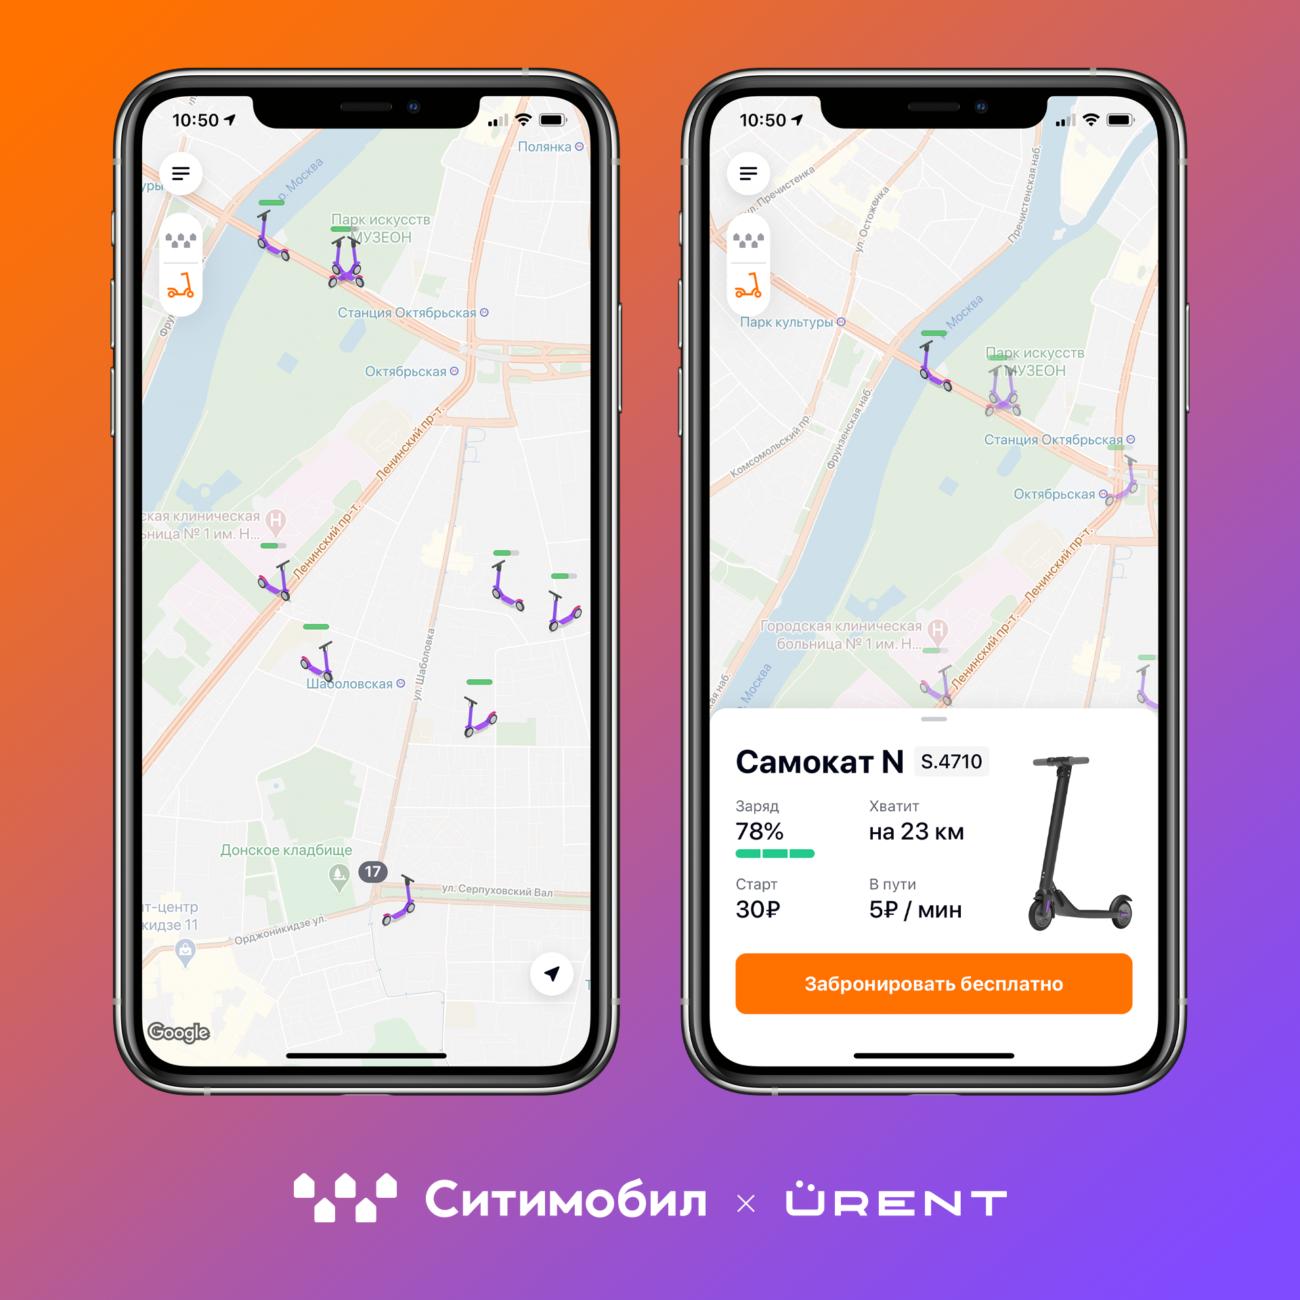 «Ситимобил» первым из российских такси-сервисов добавил в приложение аренду электросамокатов — партнёром стал URent